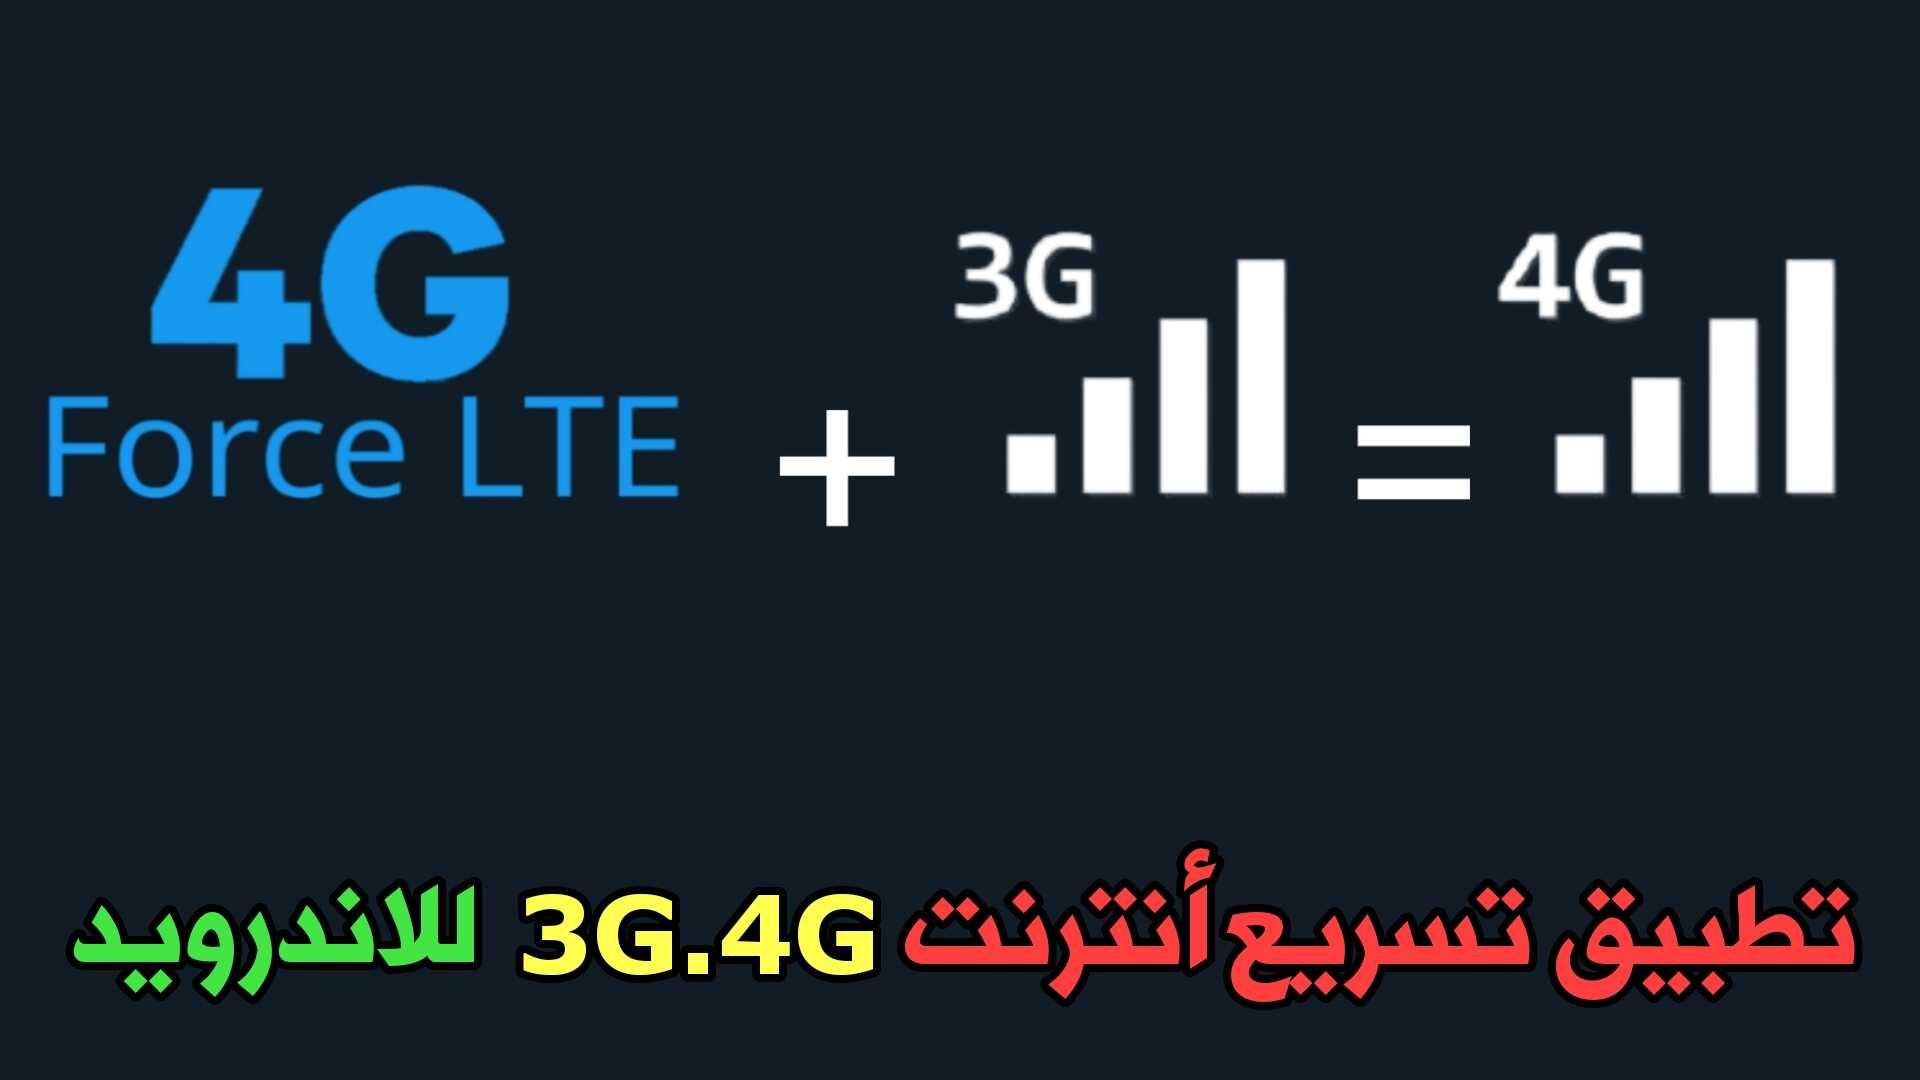 تسريع أنترنت 3G.4G للاندرويد لجميع الشبكات ولكل الدول العربية